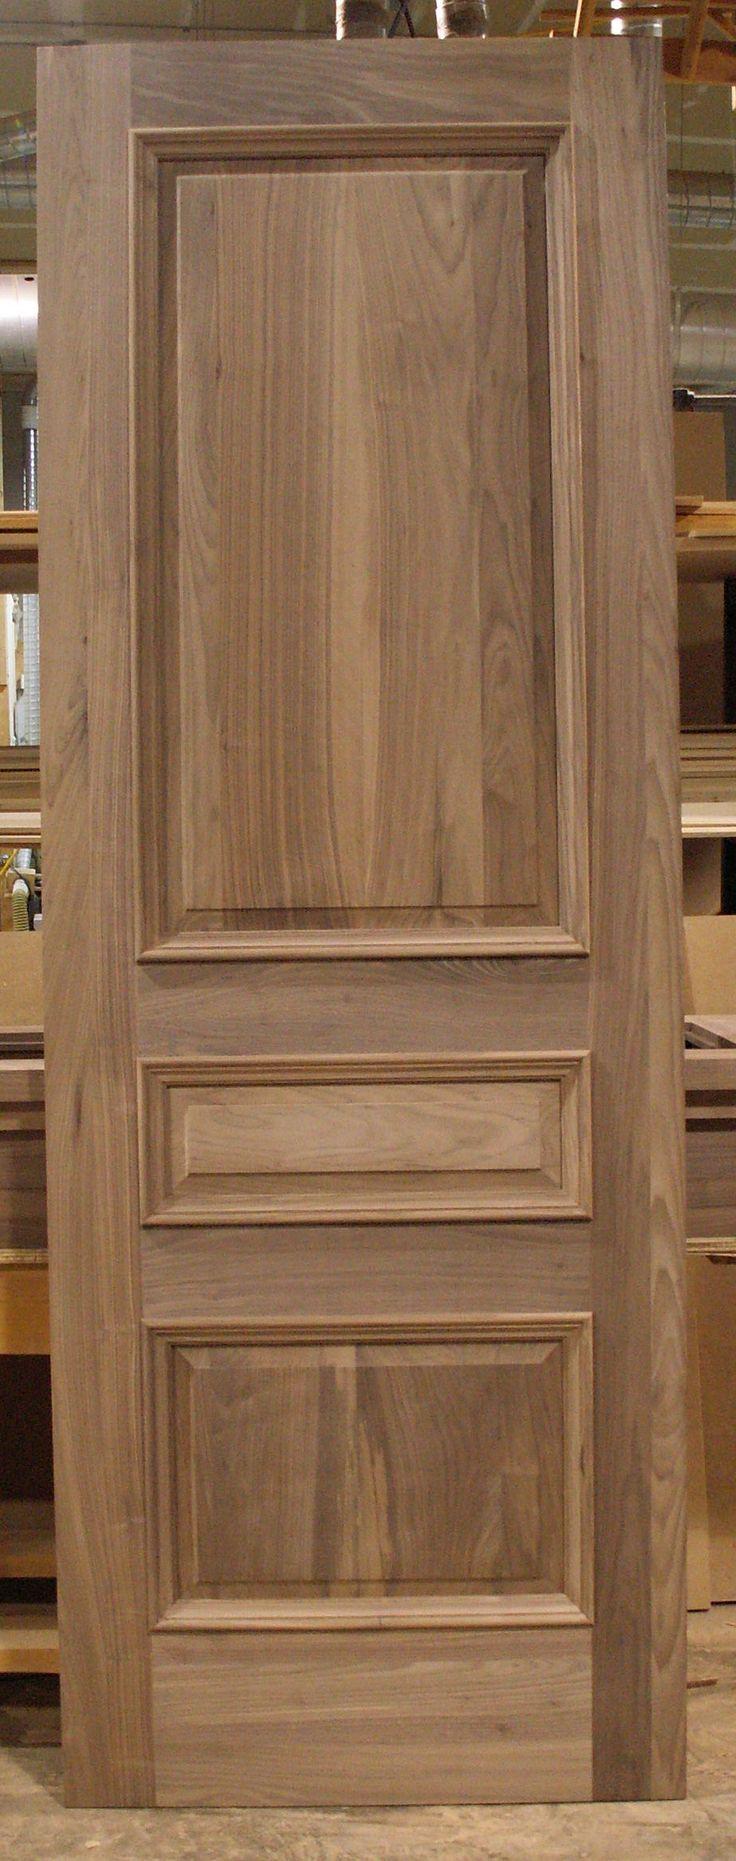 79 best internal doors images on pinterest | doors, internal doors